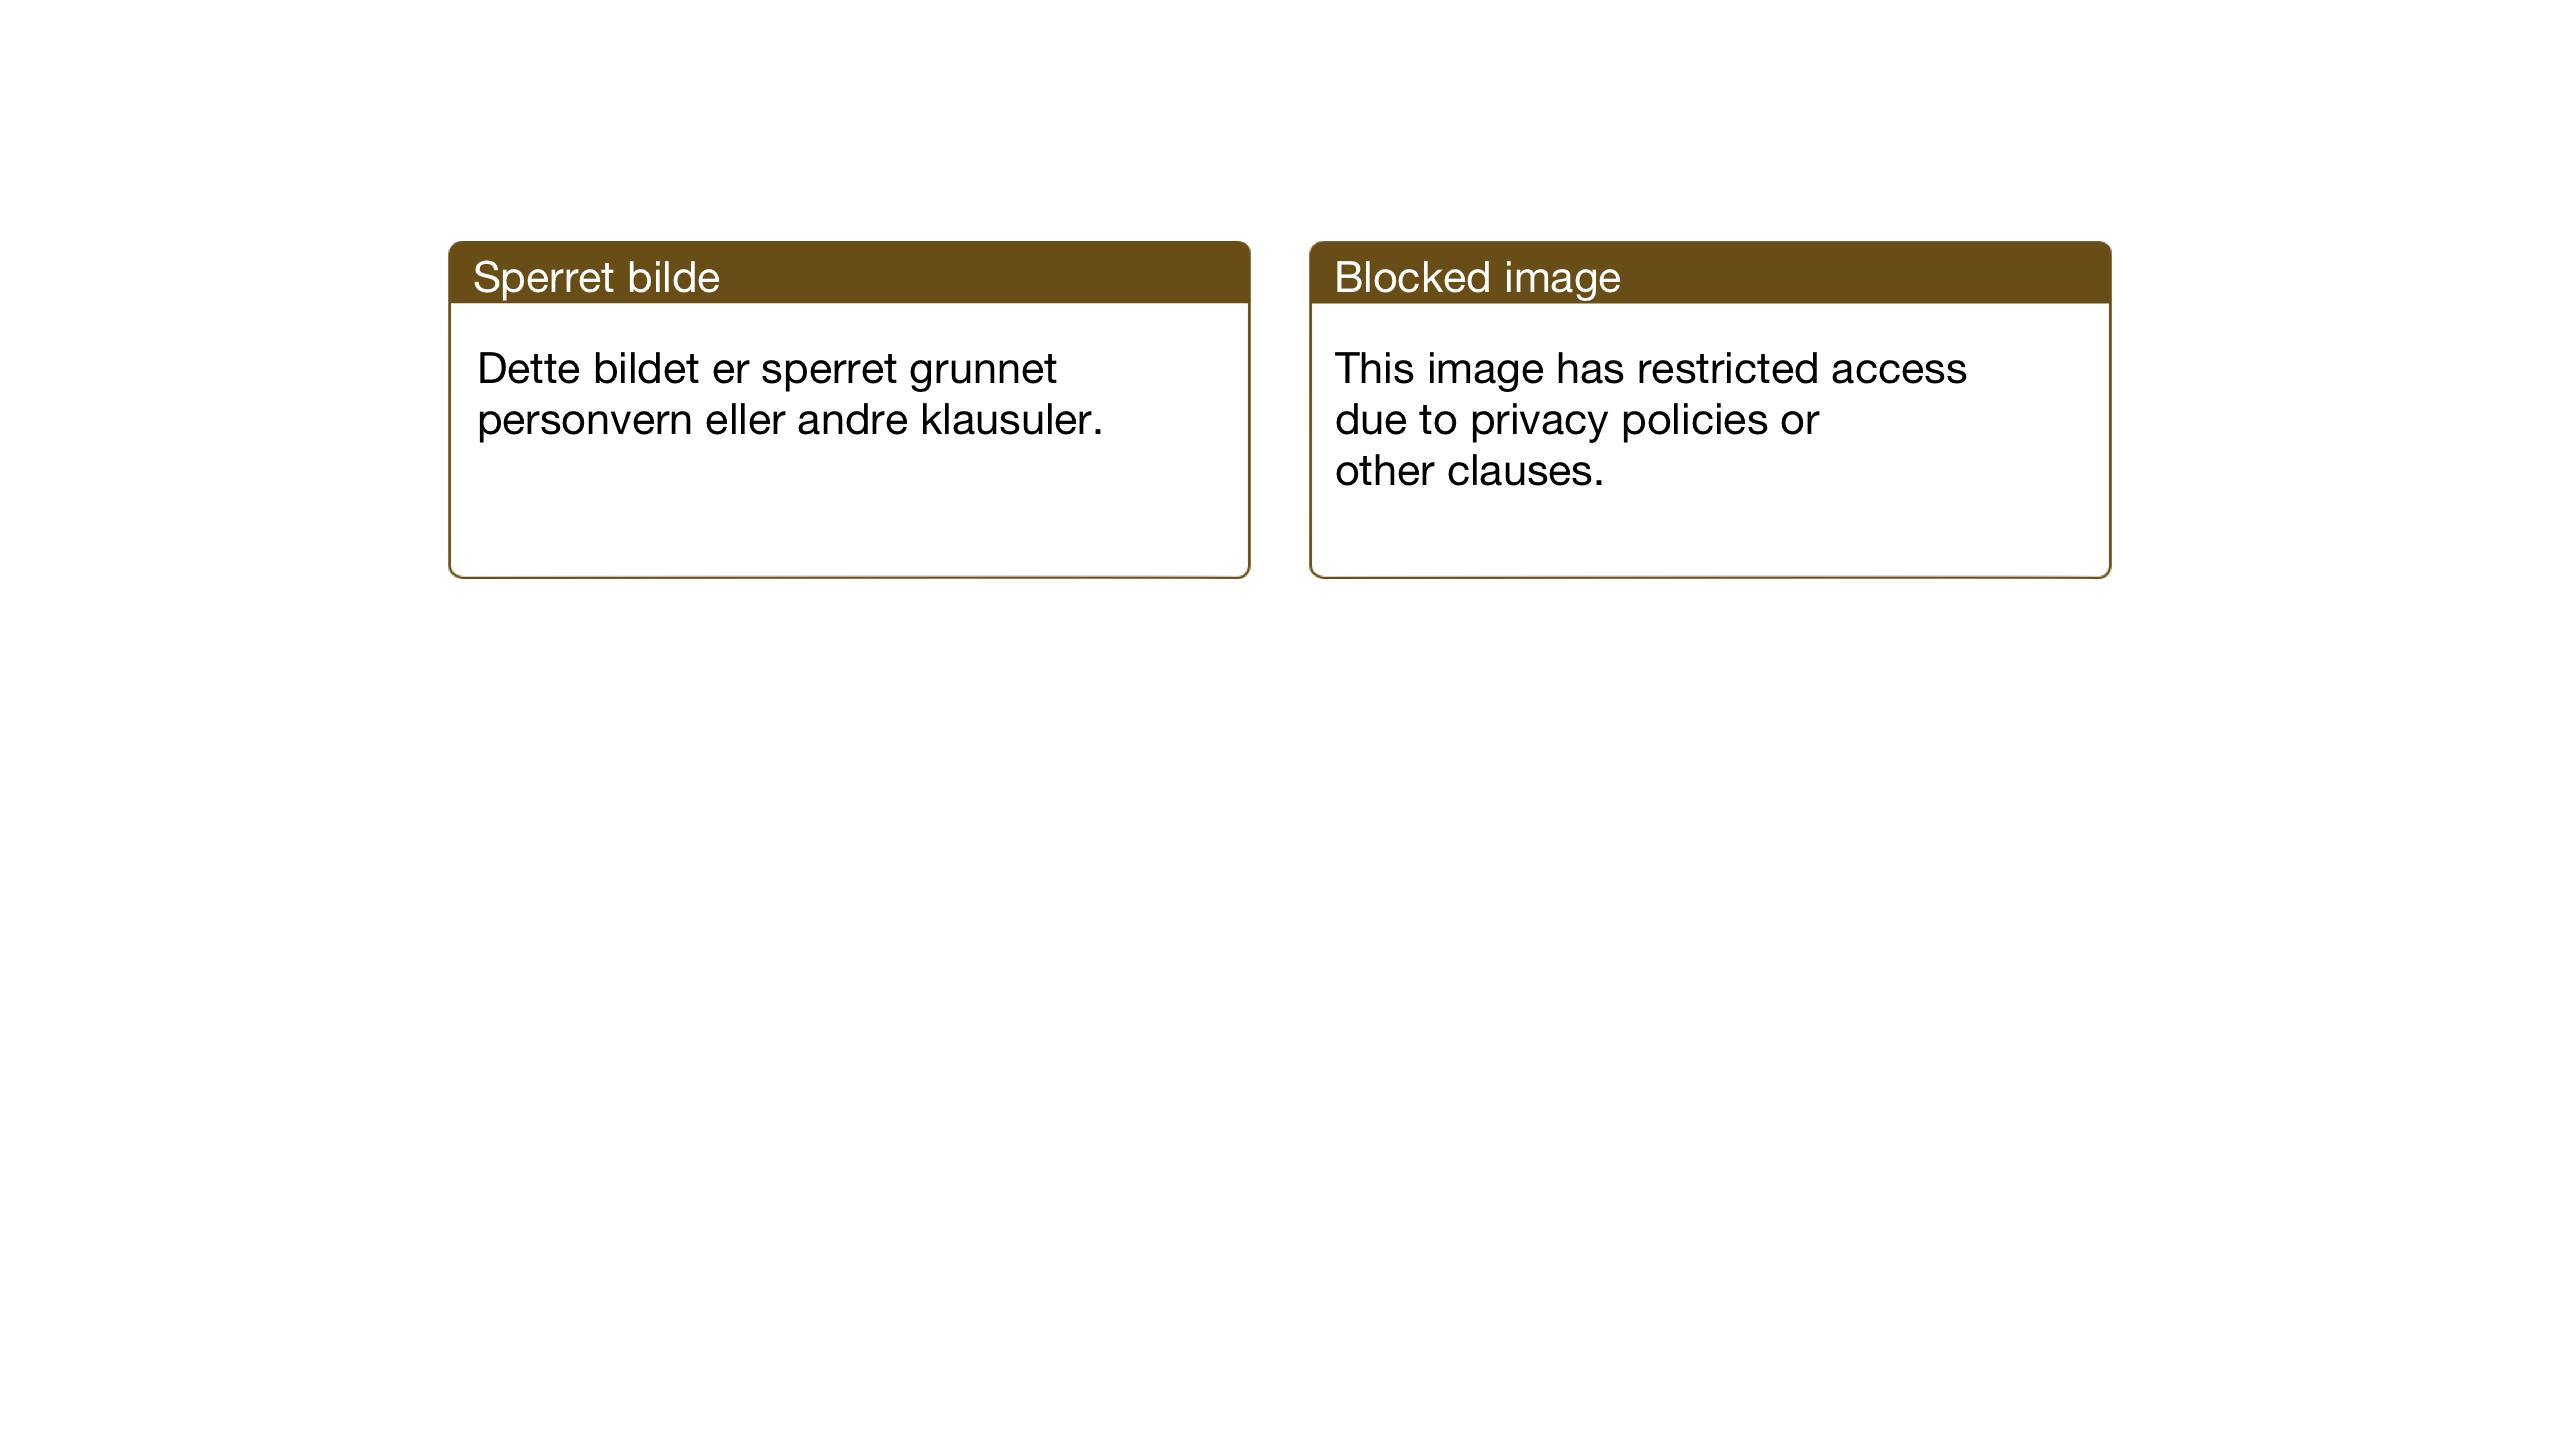 SAT, Ministerialprotokoller, klokkerbøker og fødselsregistre - Nord-Trøndelag, 786/L0689: Klokkerbok nr. 786C01, 1940-1948, s. 450-451